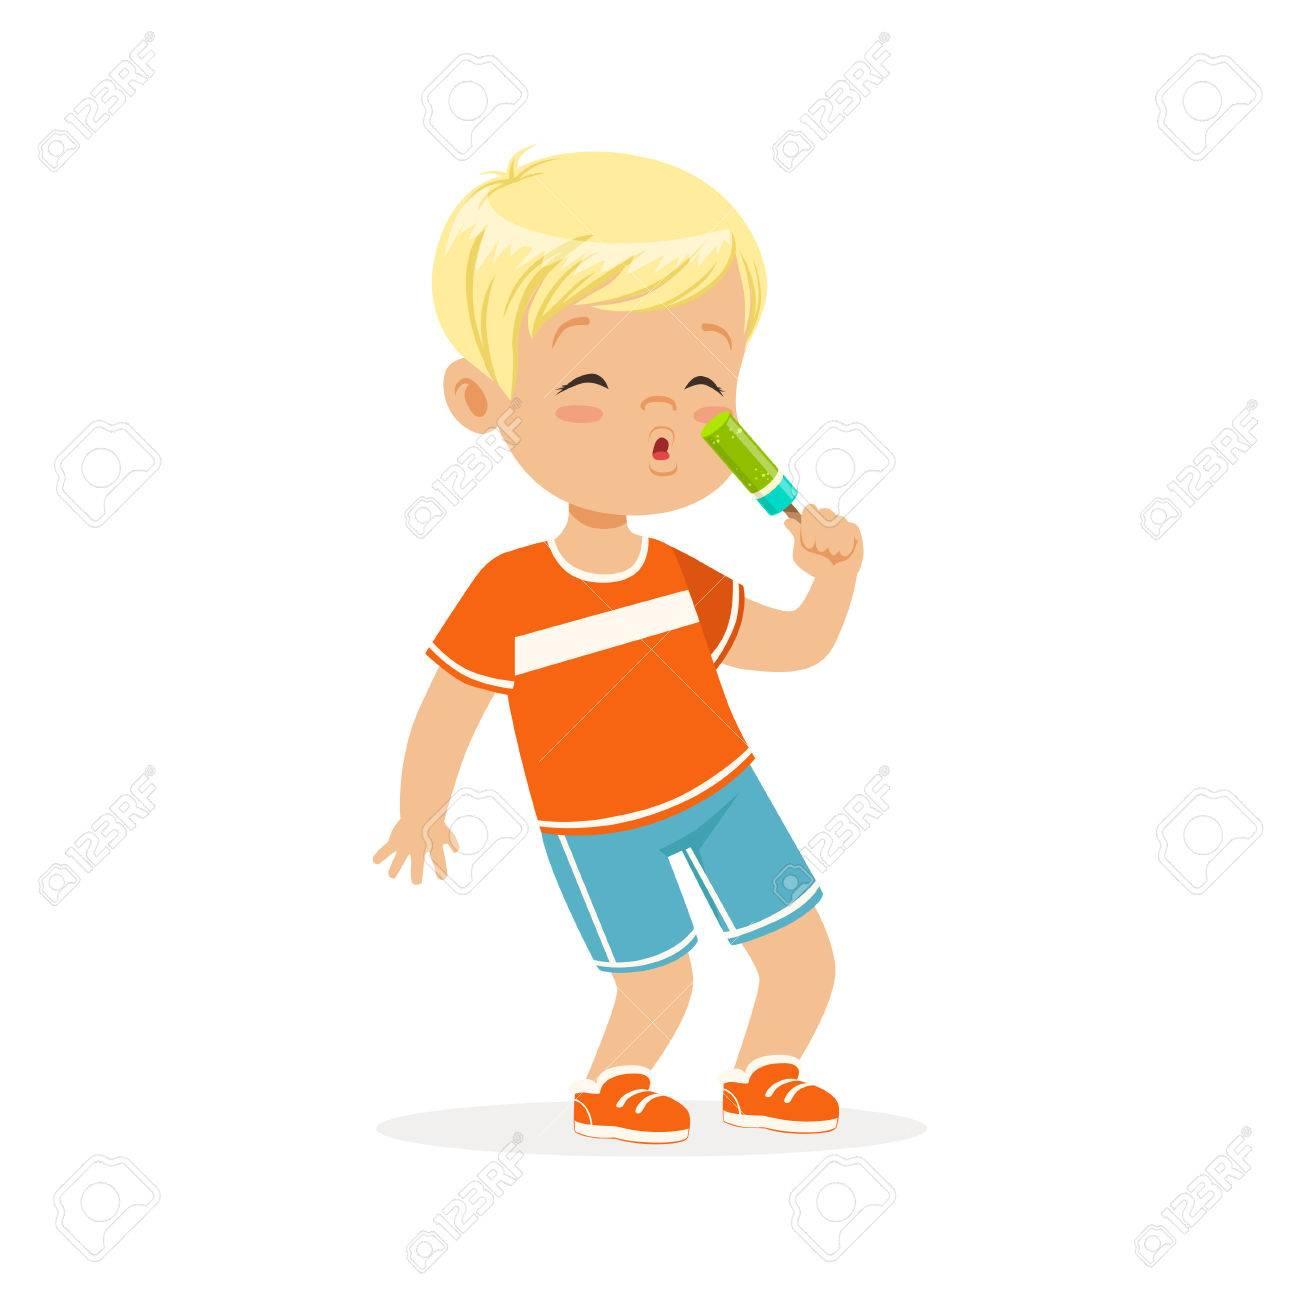 Caractère Mignon Petit Garçon Blond Manger Des Vecteur De Dessin Animé De Crème Glacée